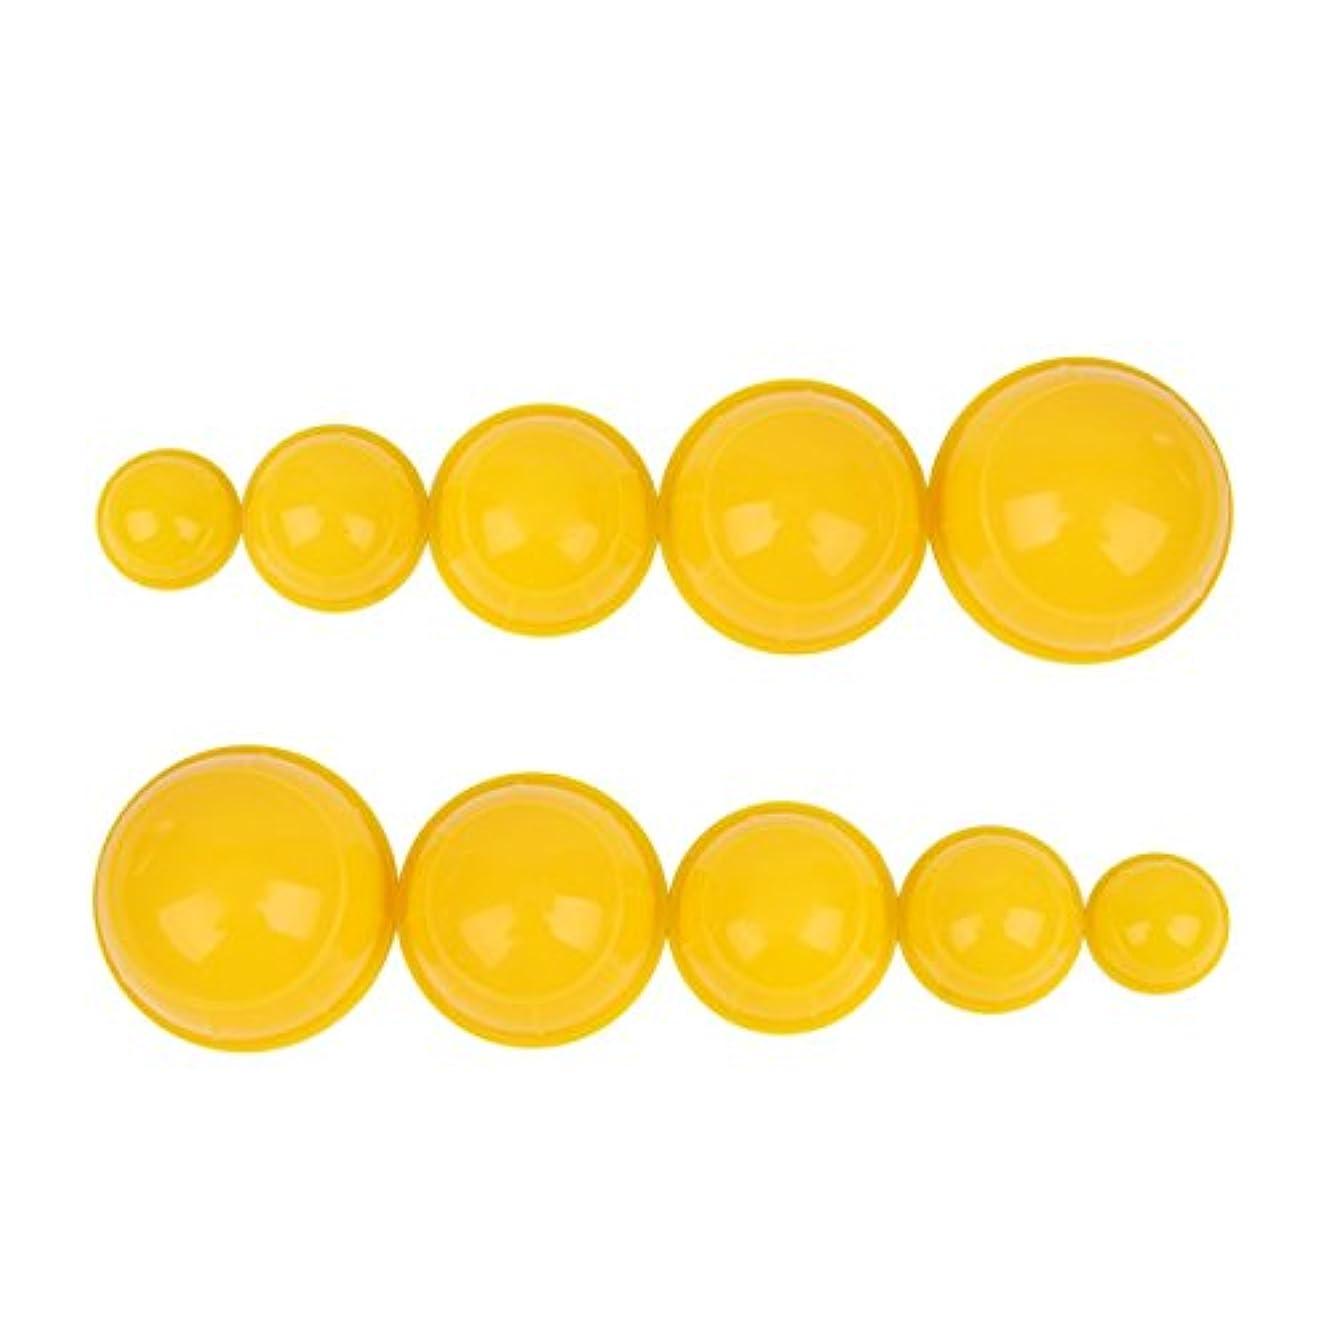 実質的期限効果的にシリコンカッピング 12個セット 吸い玉 水洗い可能 全身マッサージ CkeyiN (イエロー)